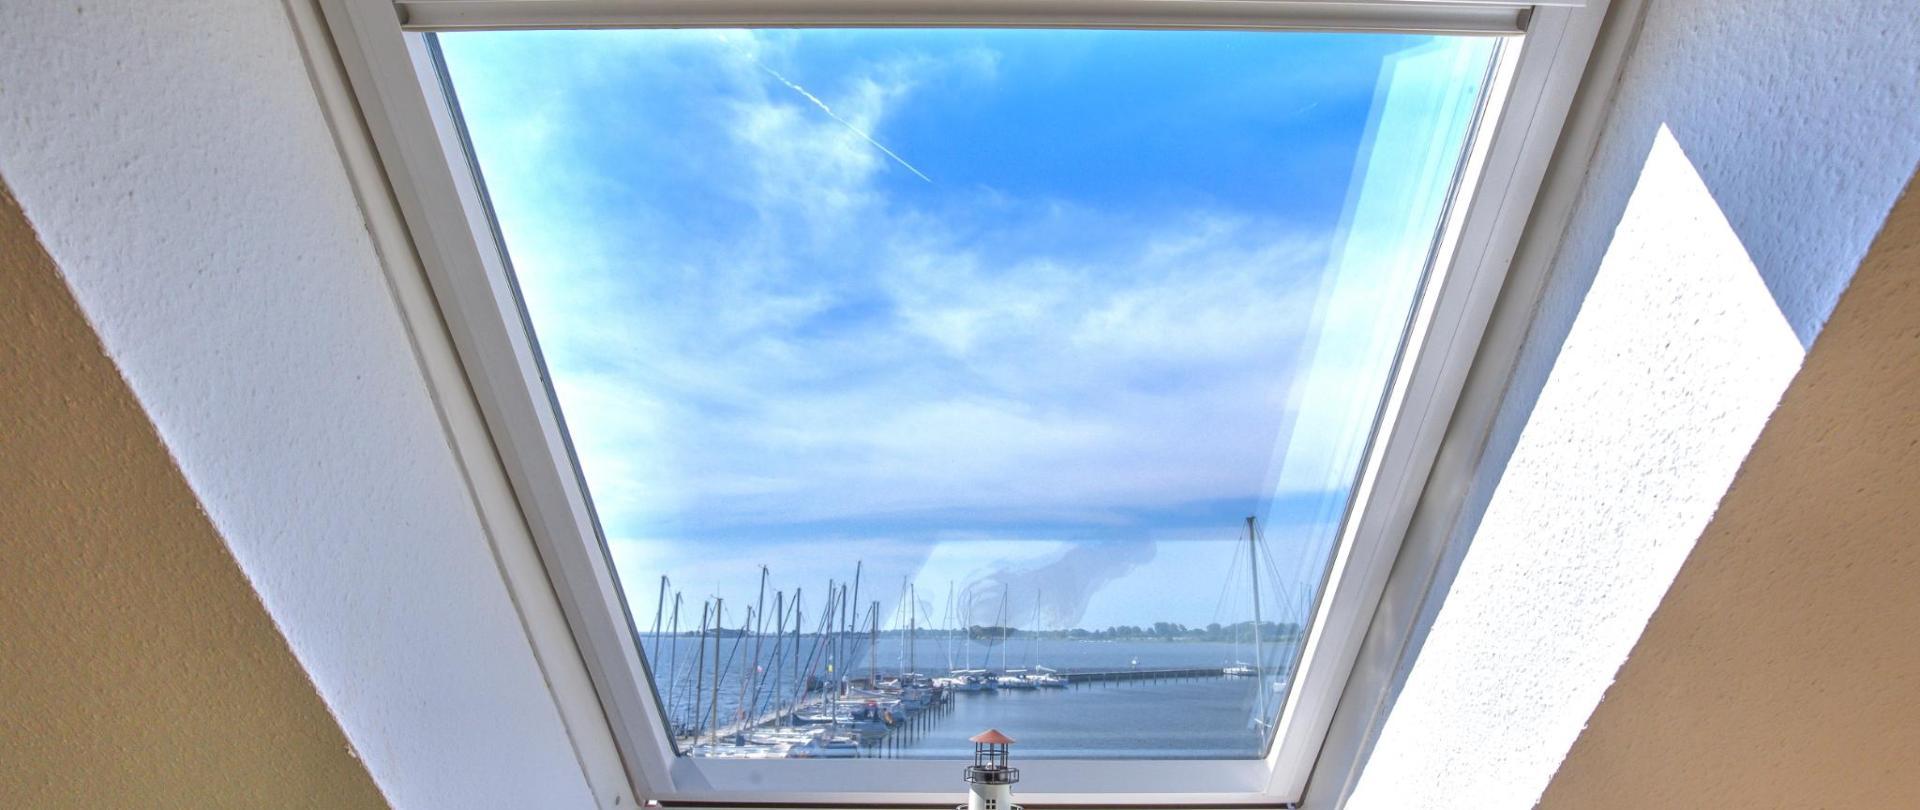 OG Dachstudio Dachfenster.jpg